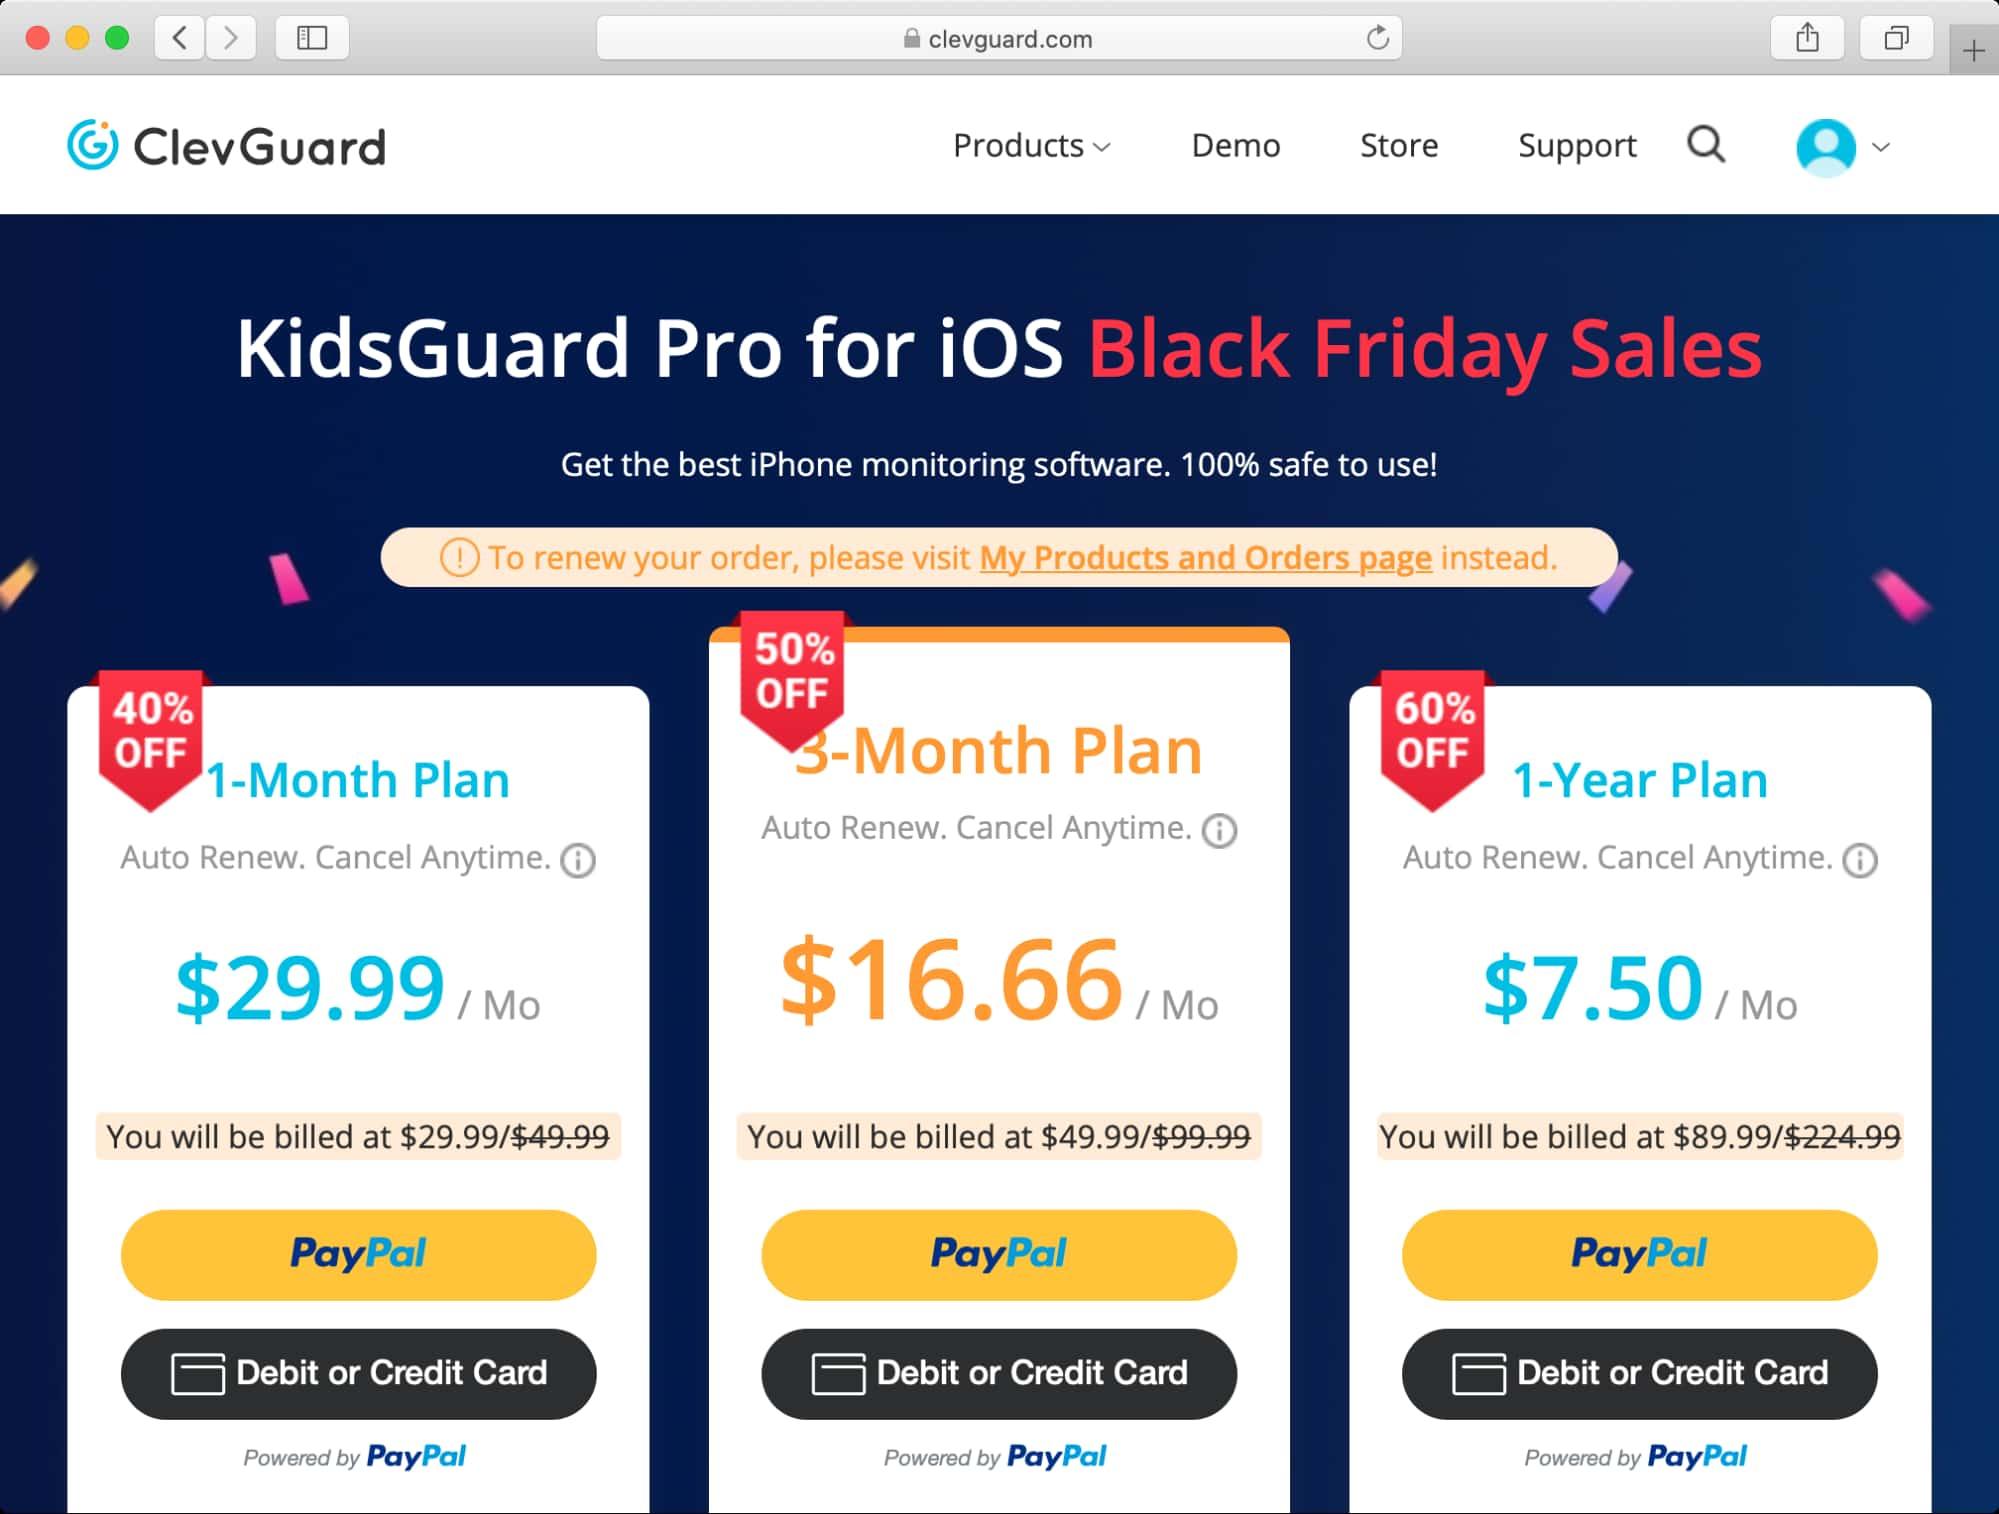 KidsGuard Pro for iOS 價格與優惠